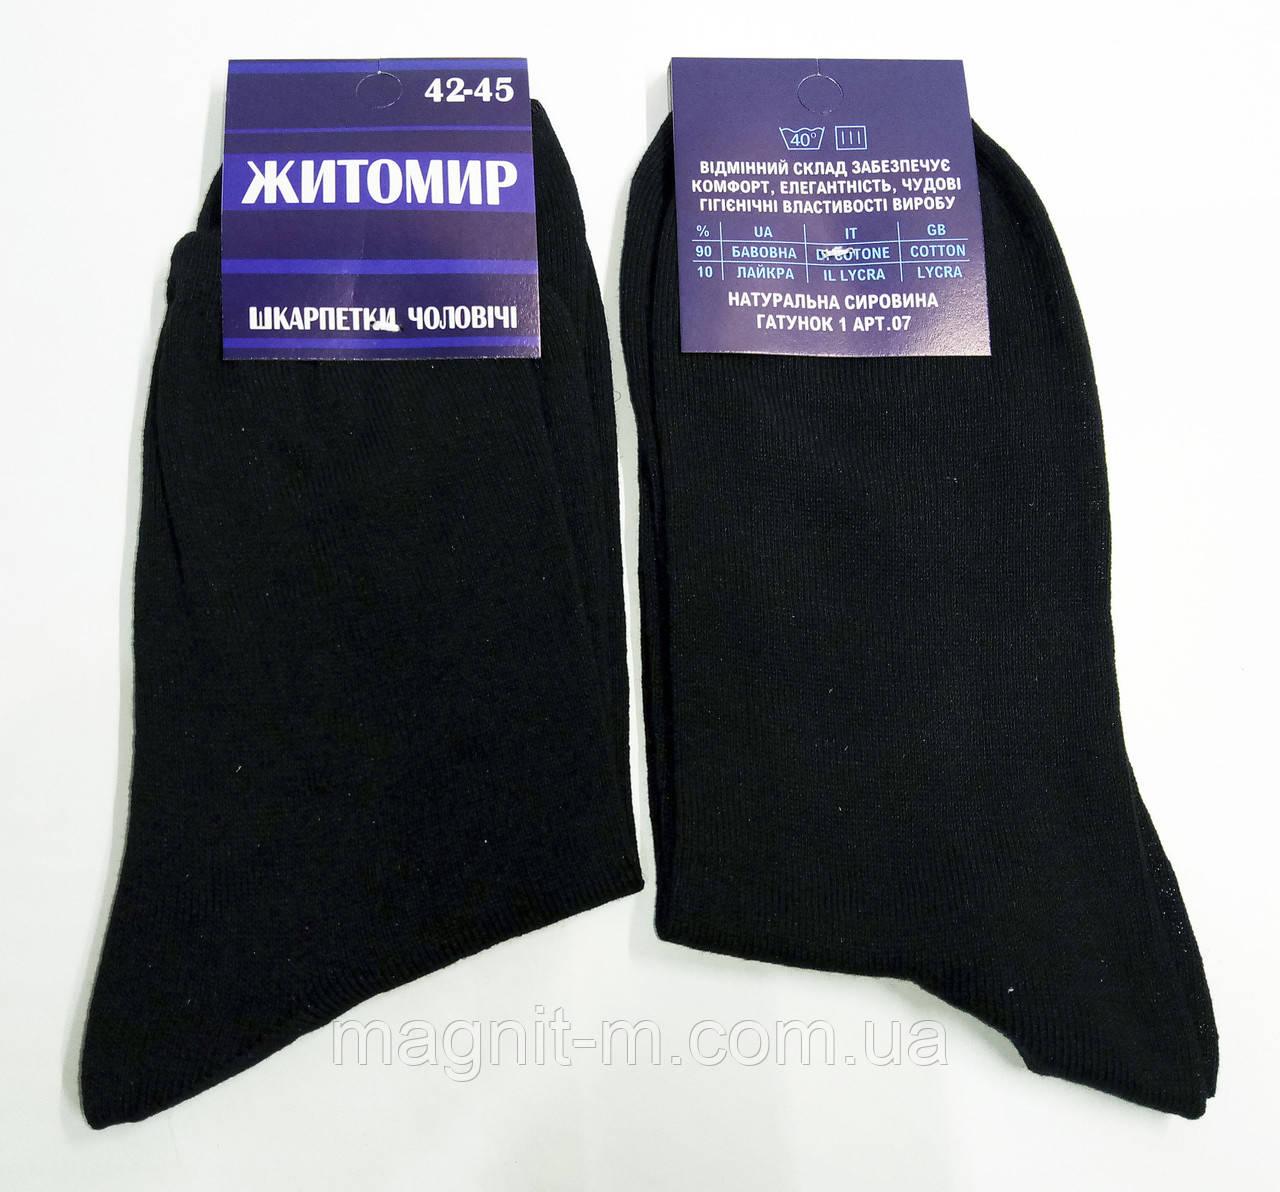 e6d053c0315e5 Тонкие носки ЖИТОМИР 100% ХЛОПОК. 600. Черный цвет.: оптовые цены ...